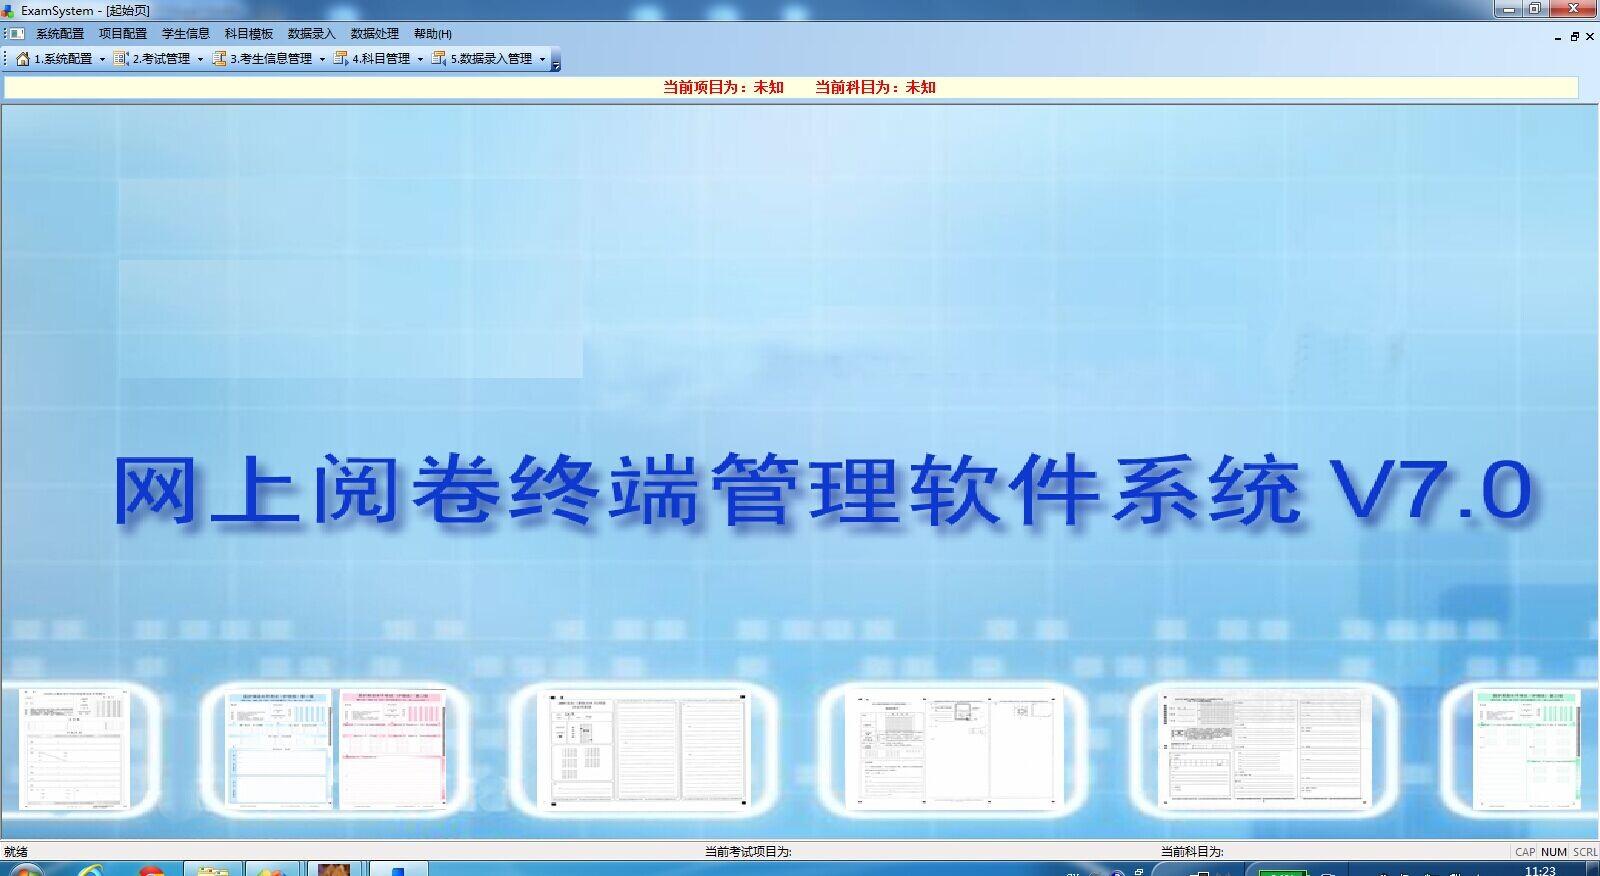 商丘网上阅卷系统教育通用 电脑阅卷考试系统|产品动态-河北省南昊高新技术开发有限公司